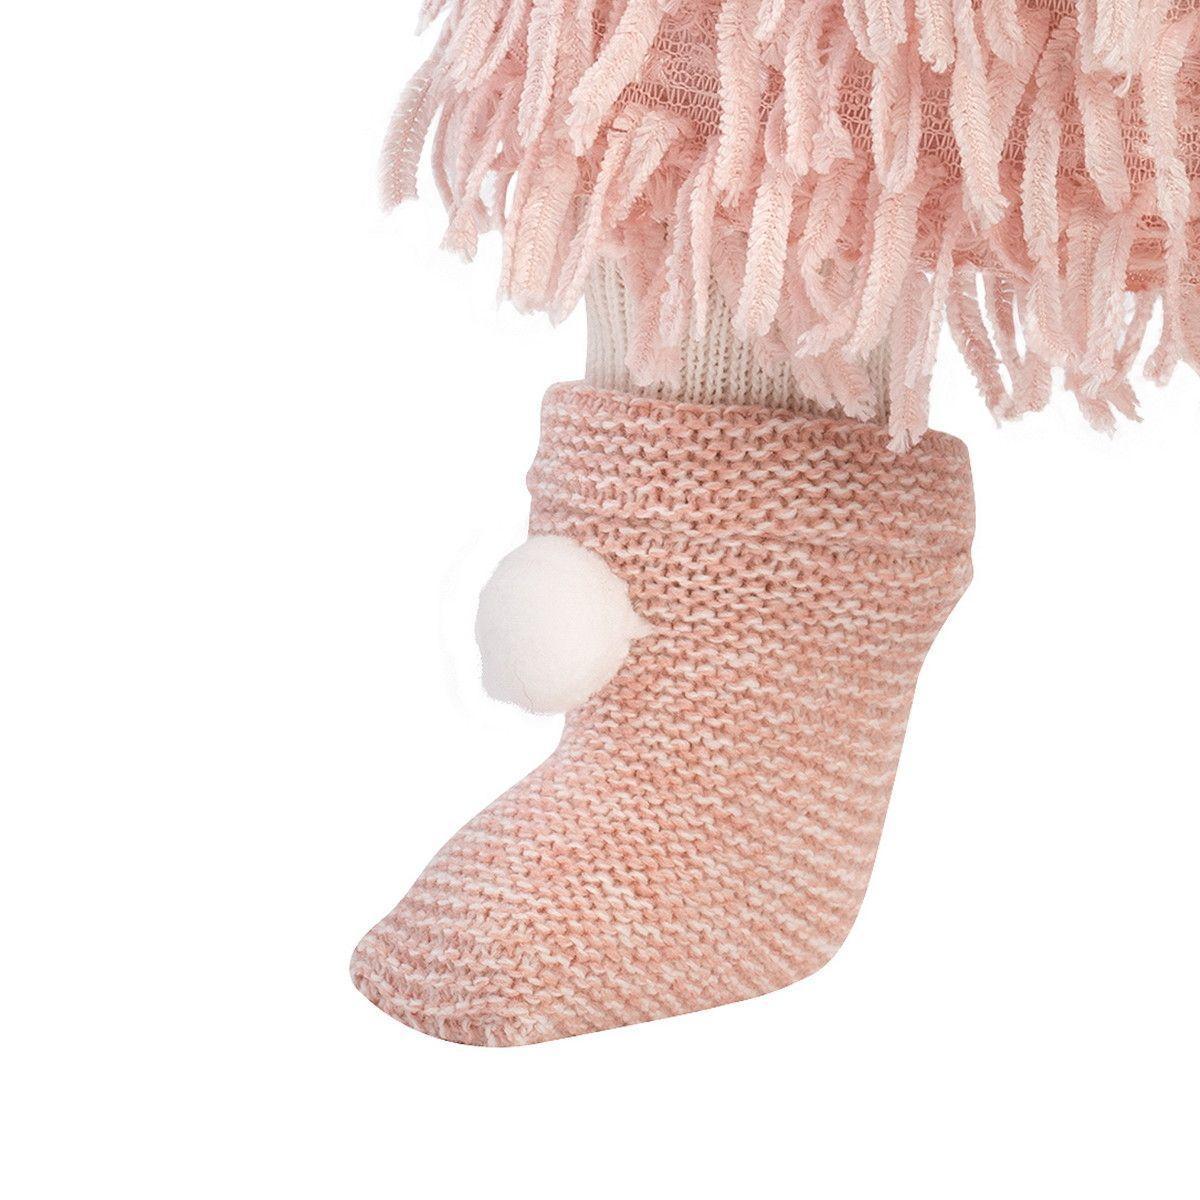 Кукла Елена 35 см, блондинка в розовом костюме (LLORENS, Испания) - фото 3